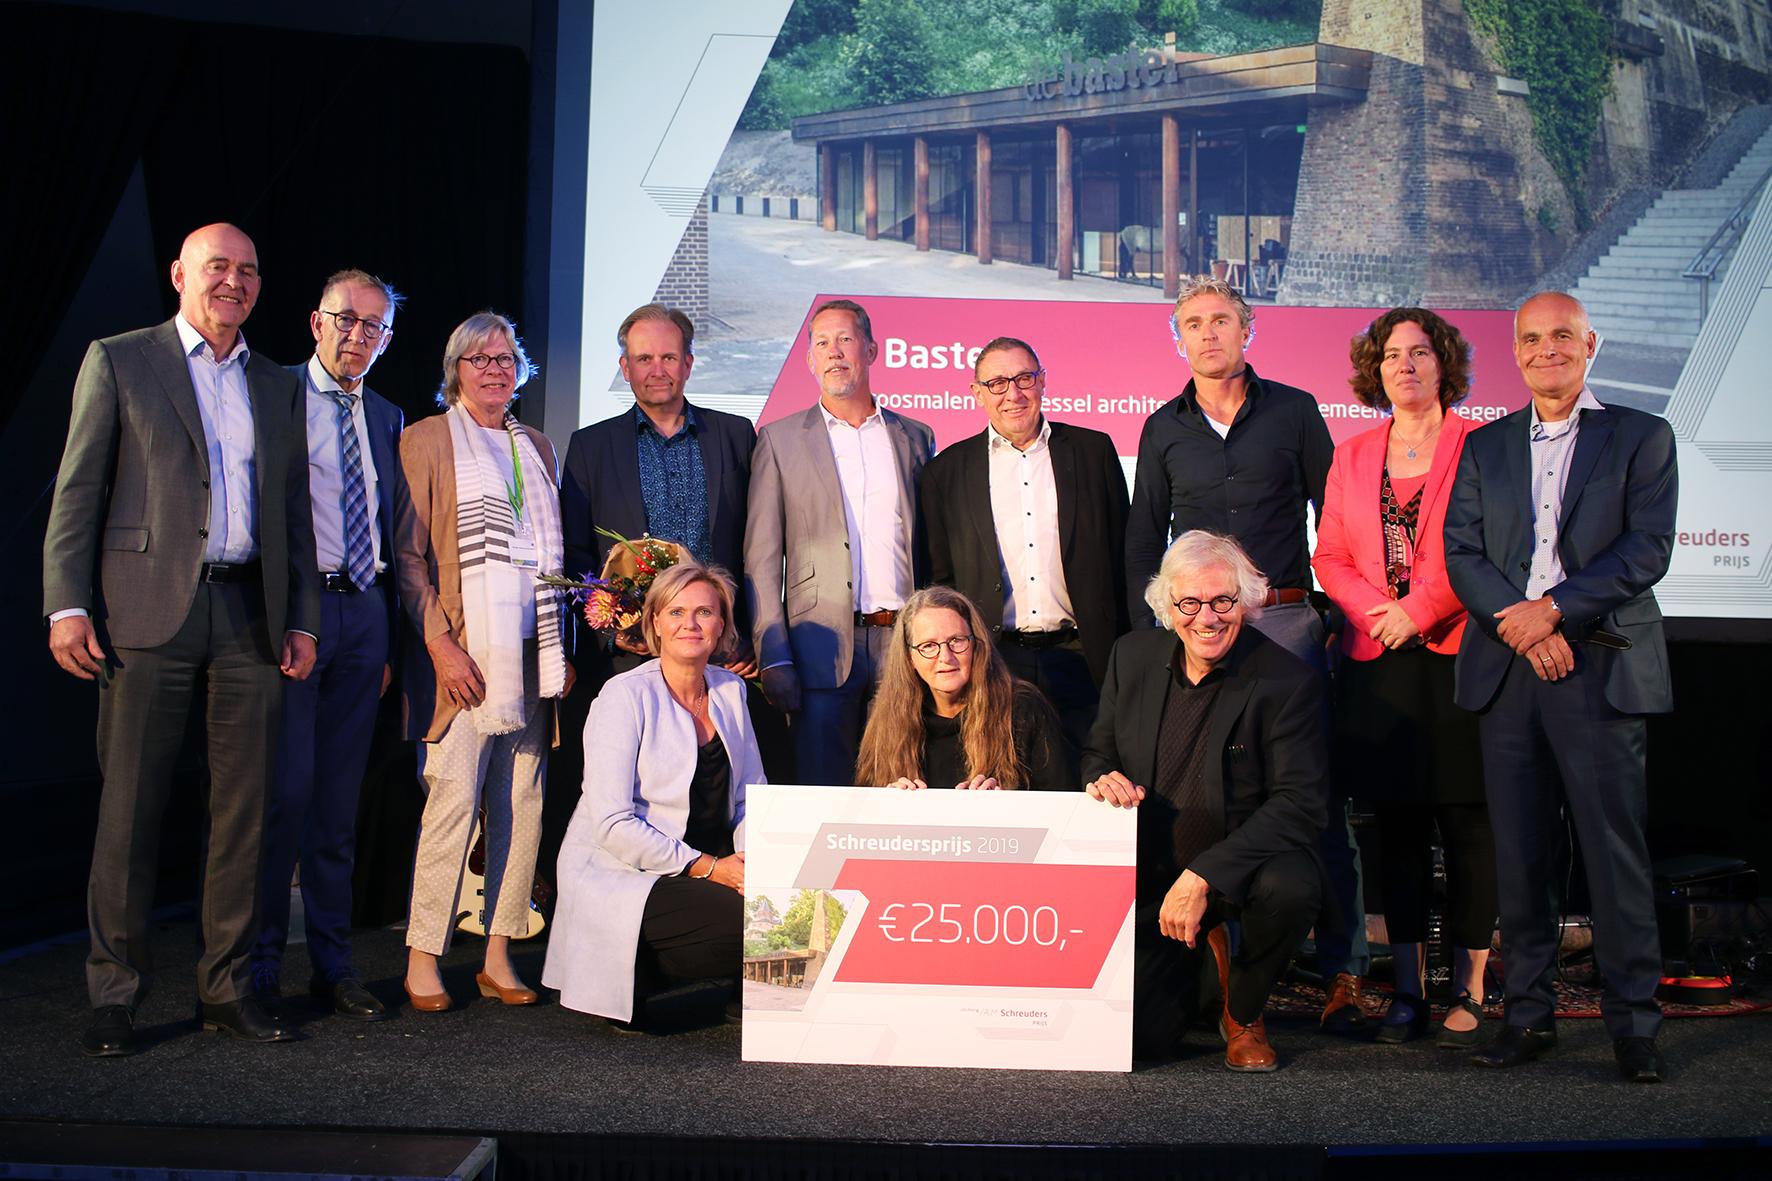 winnaars schreuder prijs 2019